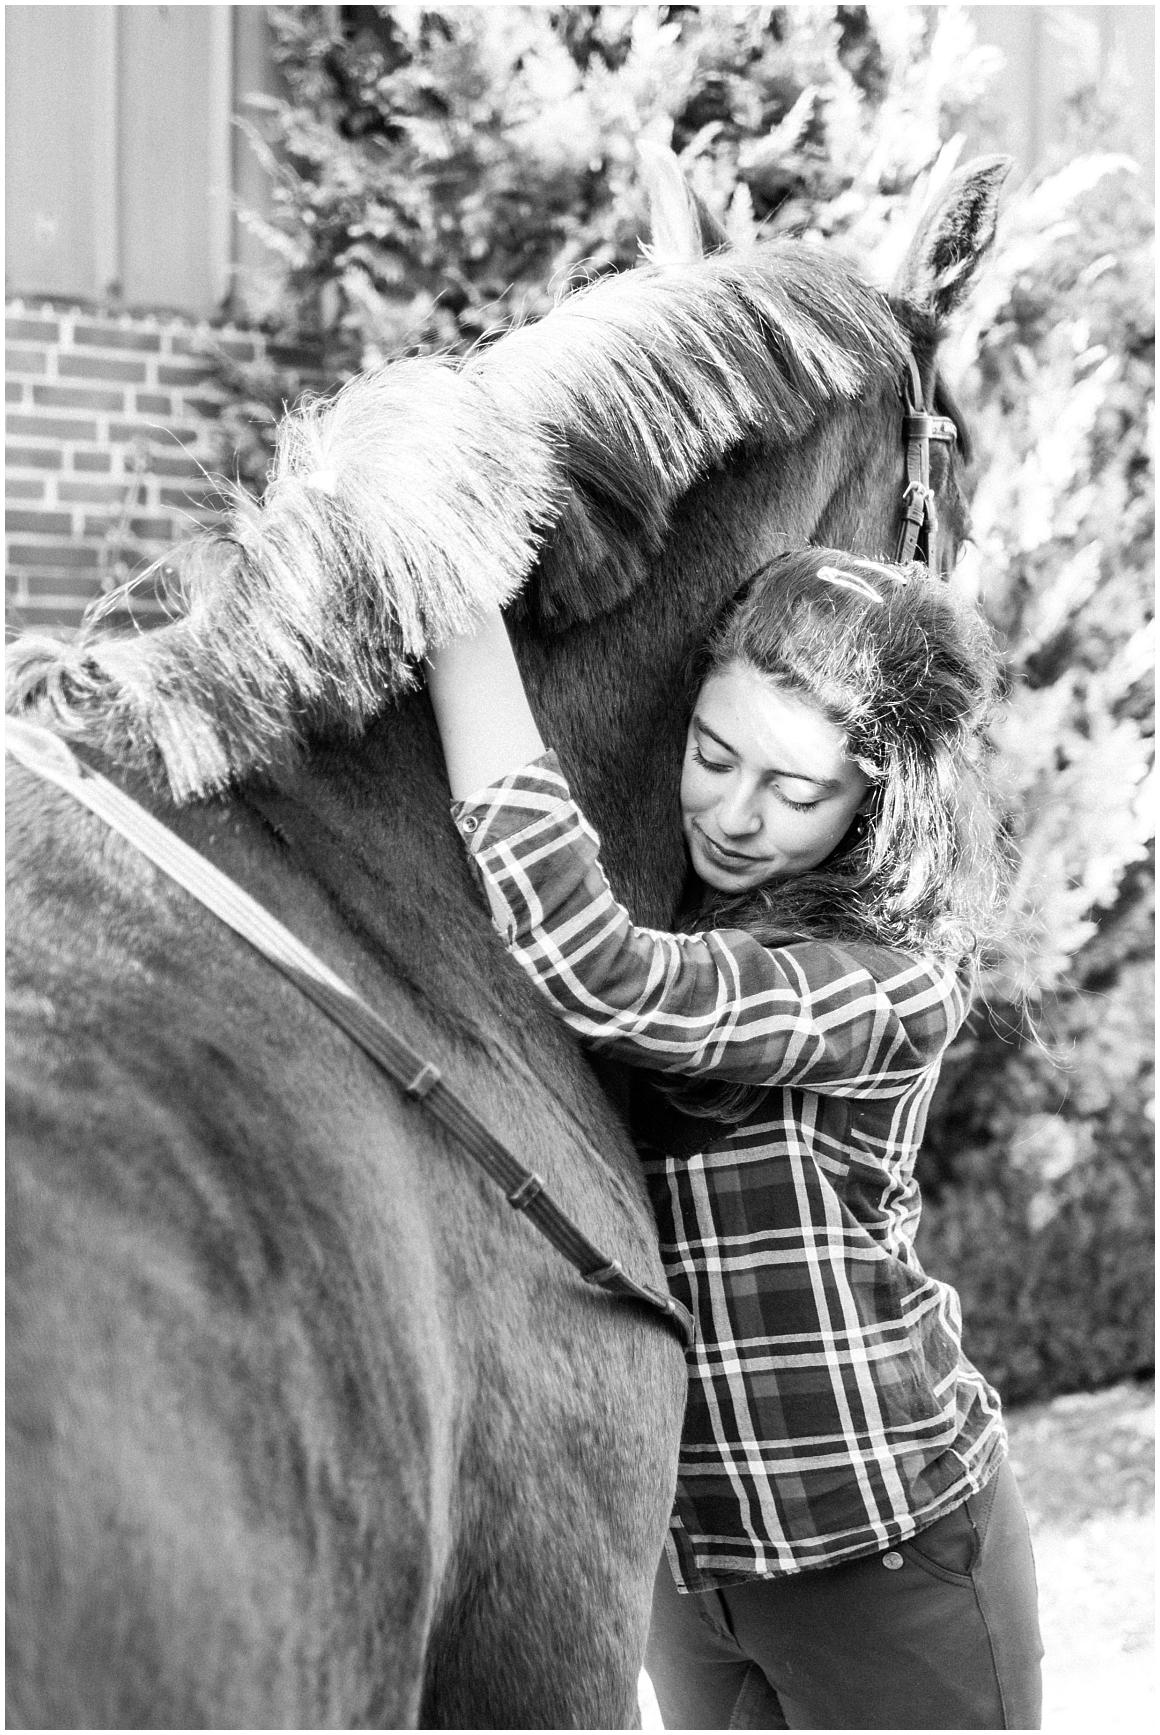 pferdefotograf-pferdeportrait-fotoshooting-mit-pferd-münchen-rosenheim-by-katrin-kind-photography_0010.jpg